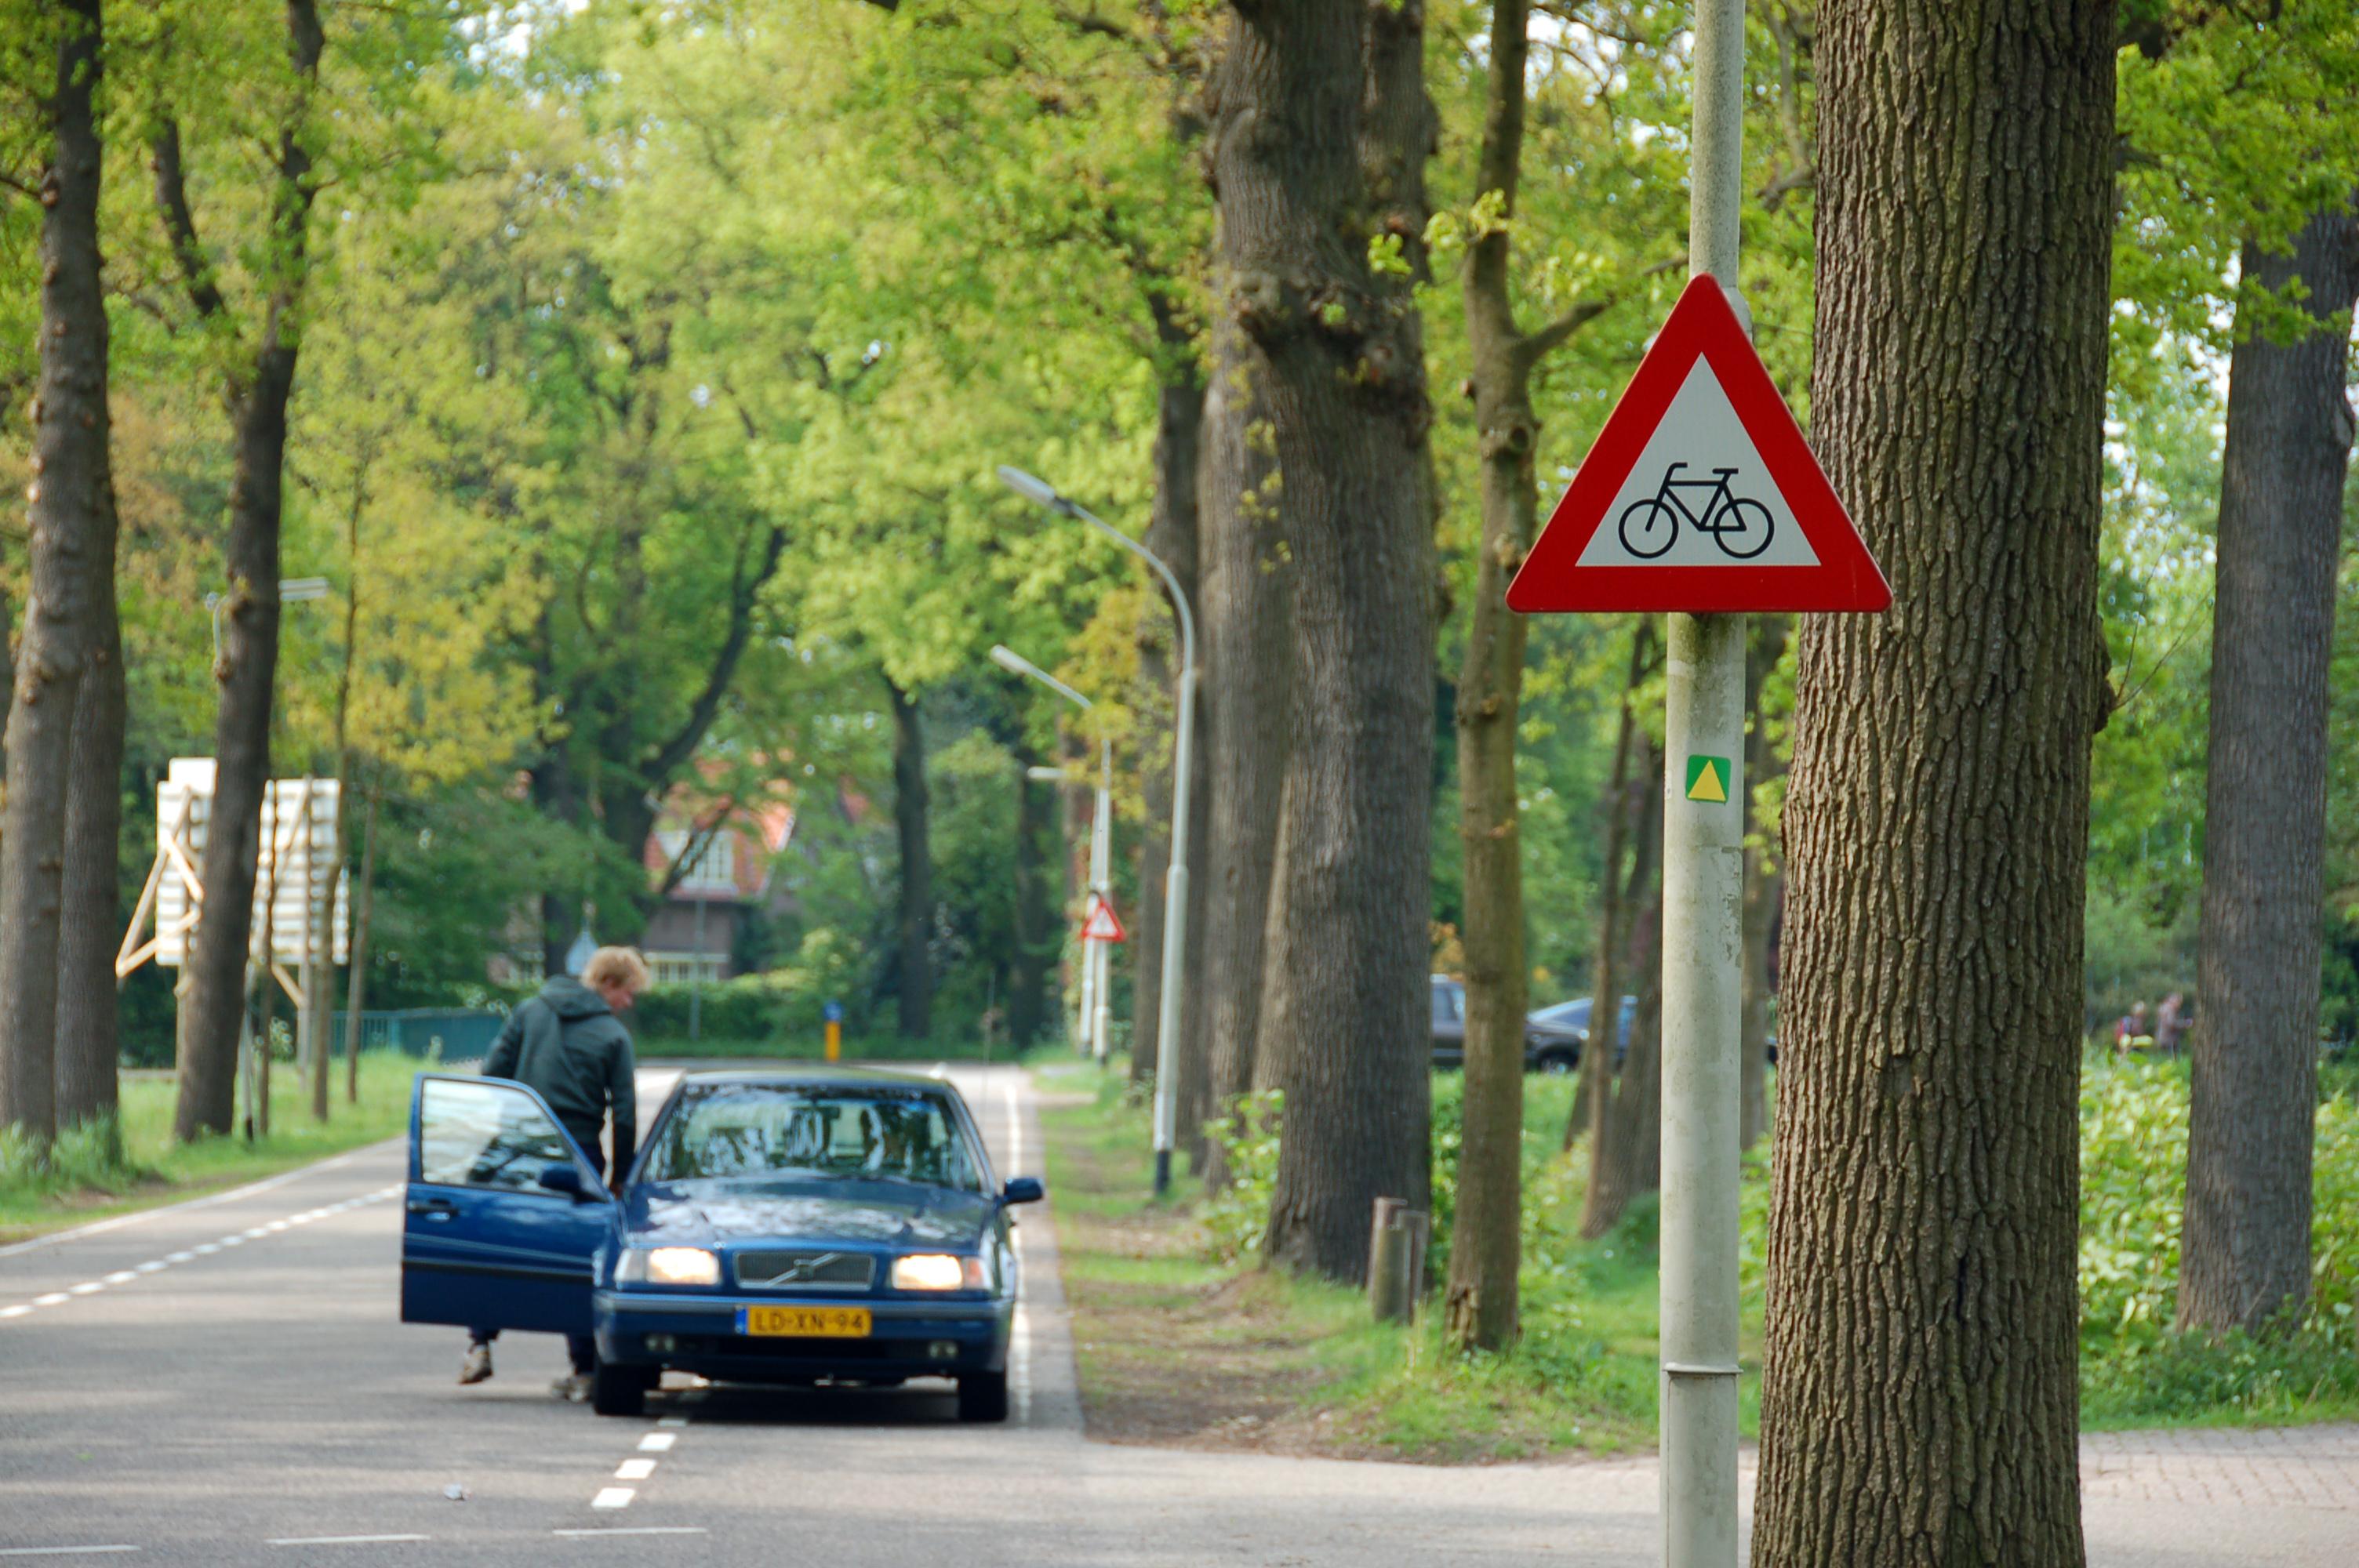 Datei:2010-05-breda-fahrradschilder-by-RalfR-07.jpg